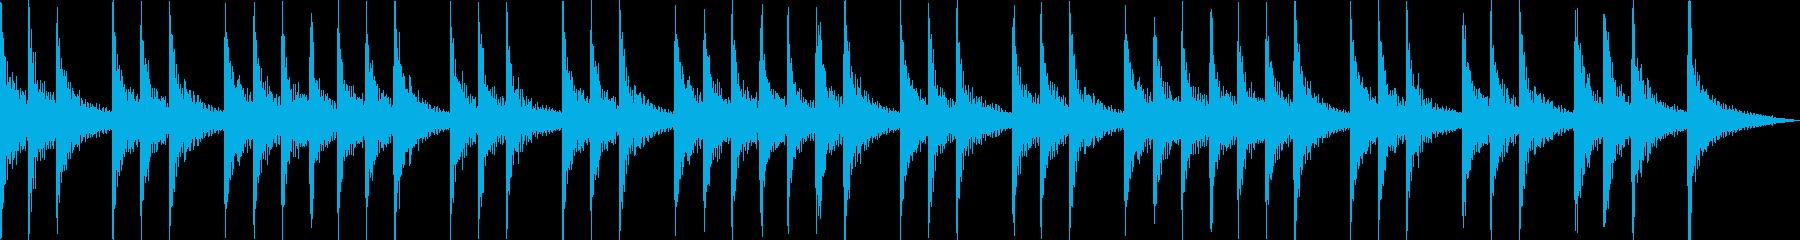 三三七拍子 太鼓と拍子木アンサンブルの再生済みの波形